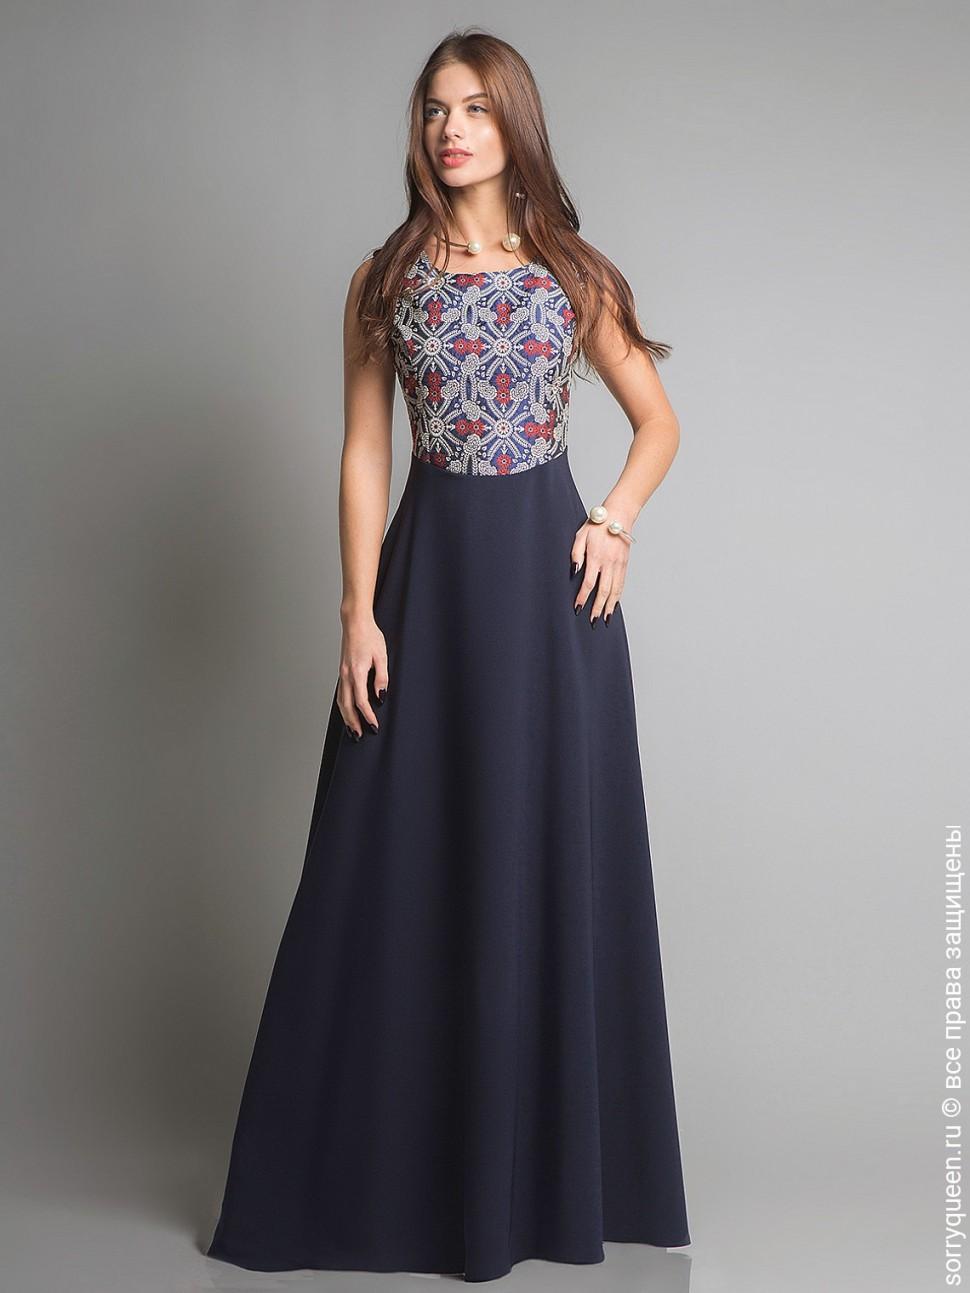 082d68d1b97 Купить платье cs 205 синее в интернет магазине mirplatev.ru недорого ...